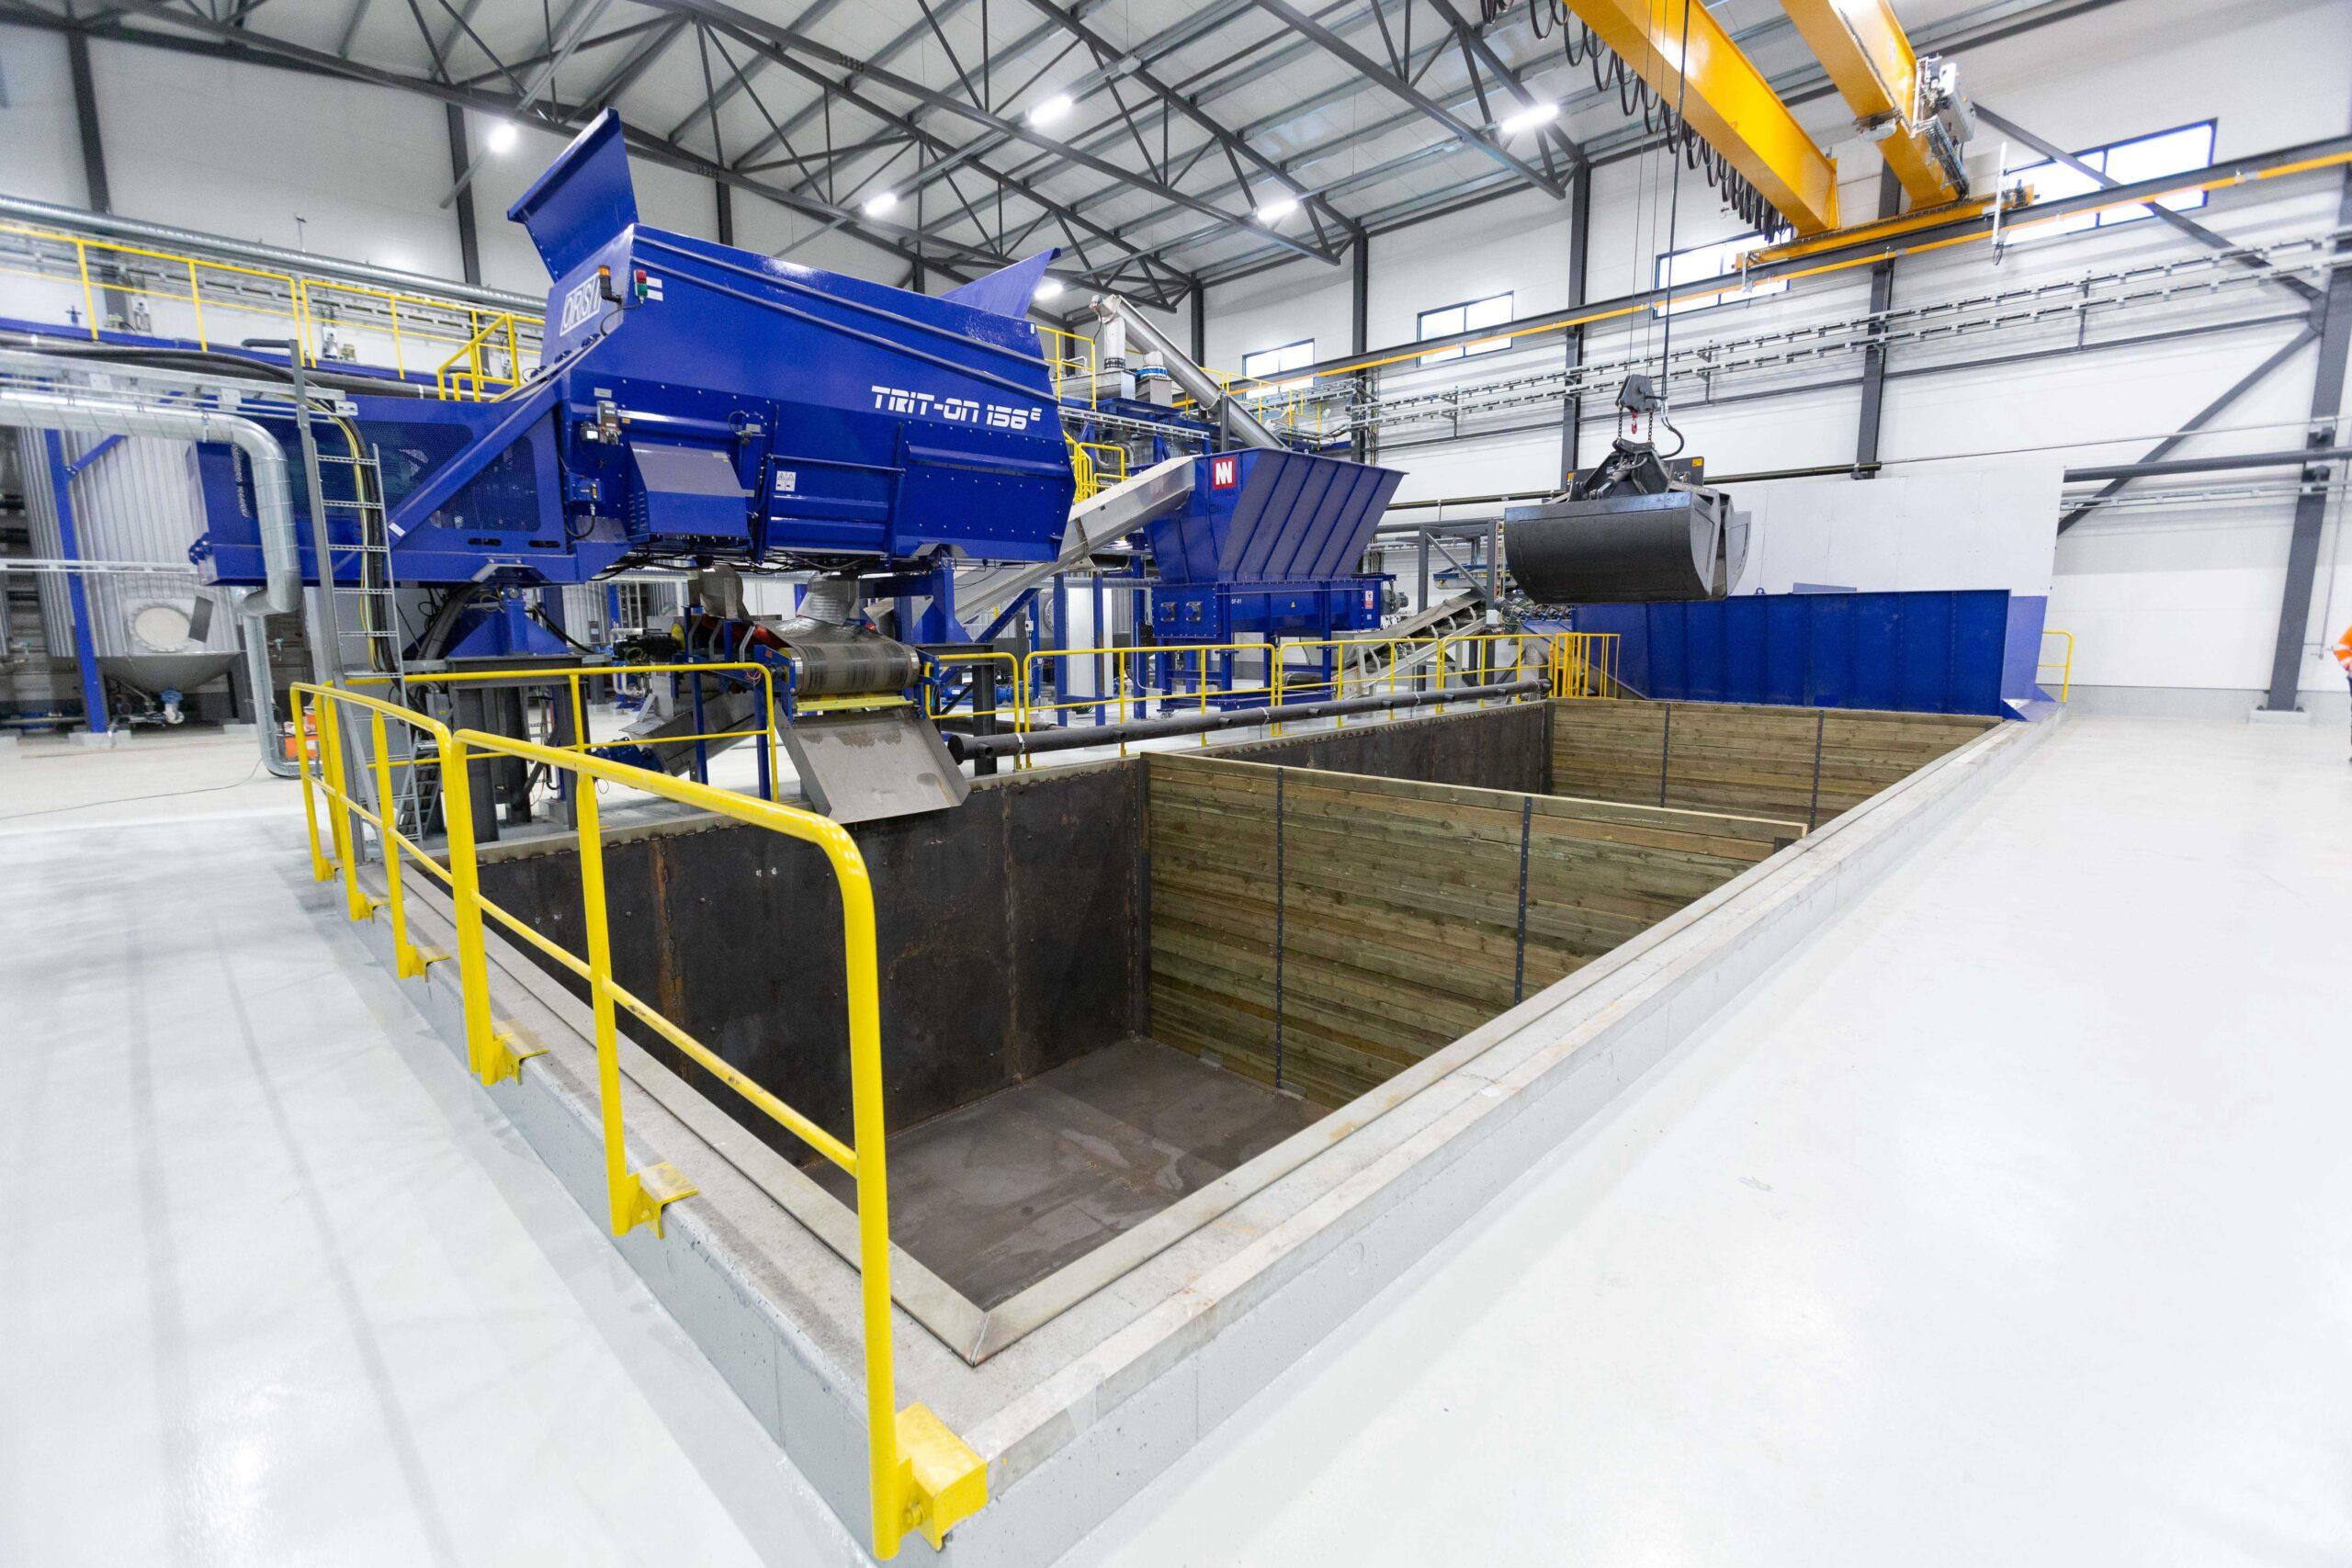 Pirkanmaan Jätehuollon Biomyllyn tuotantolinja, jossa käsitellään biojätteitä.